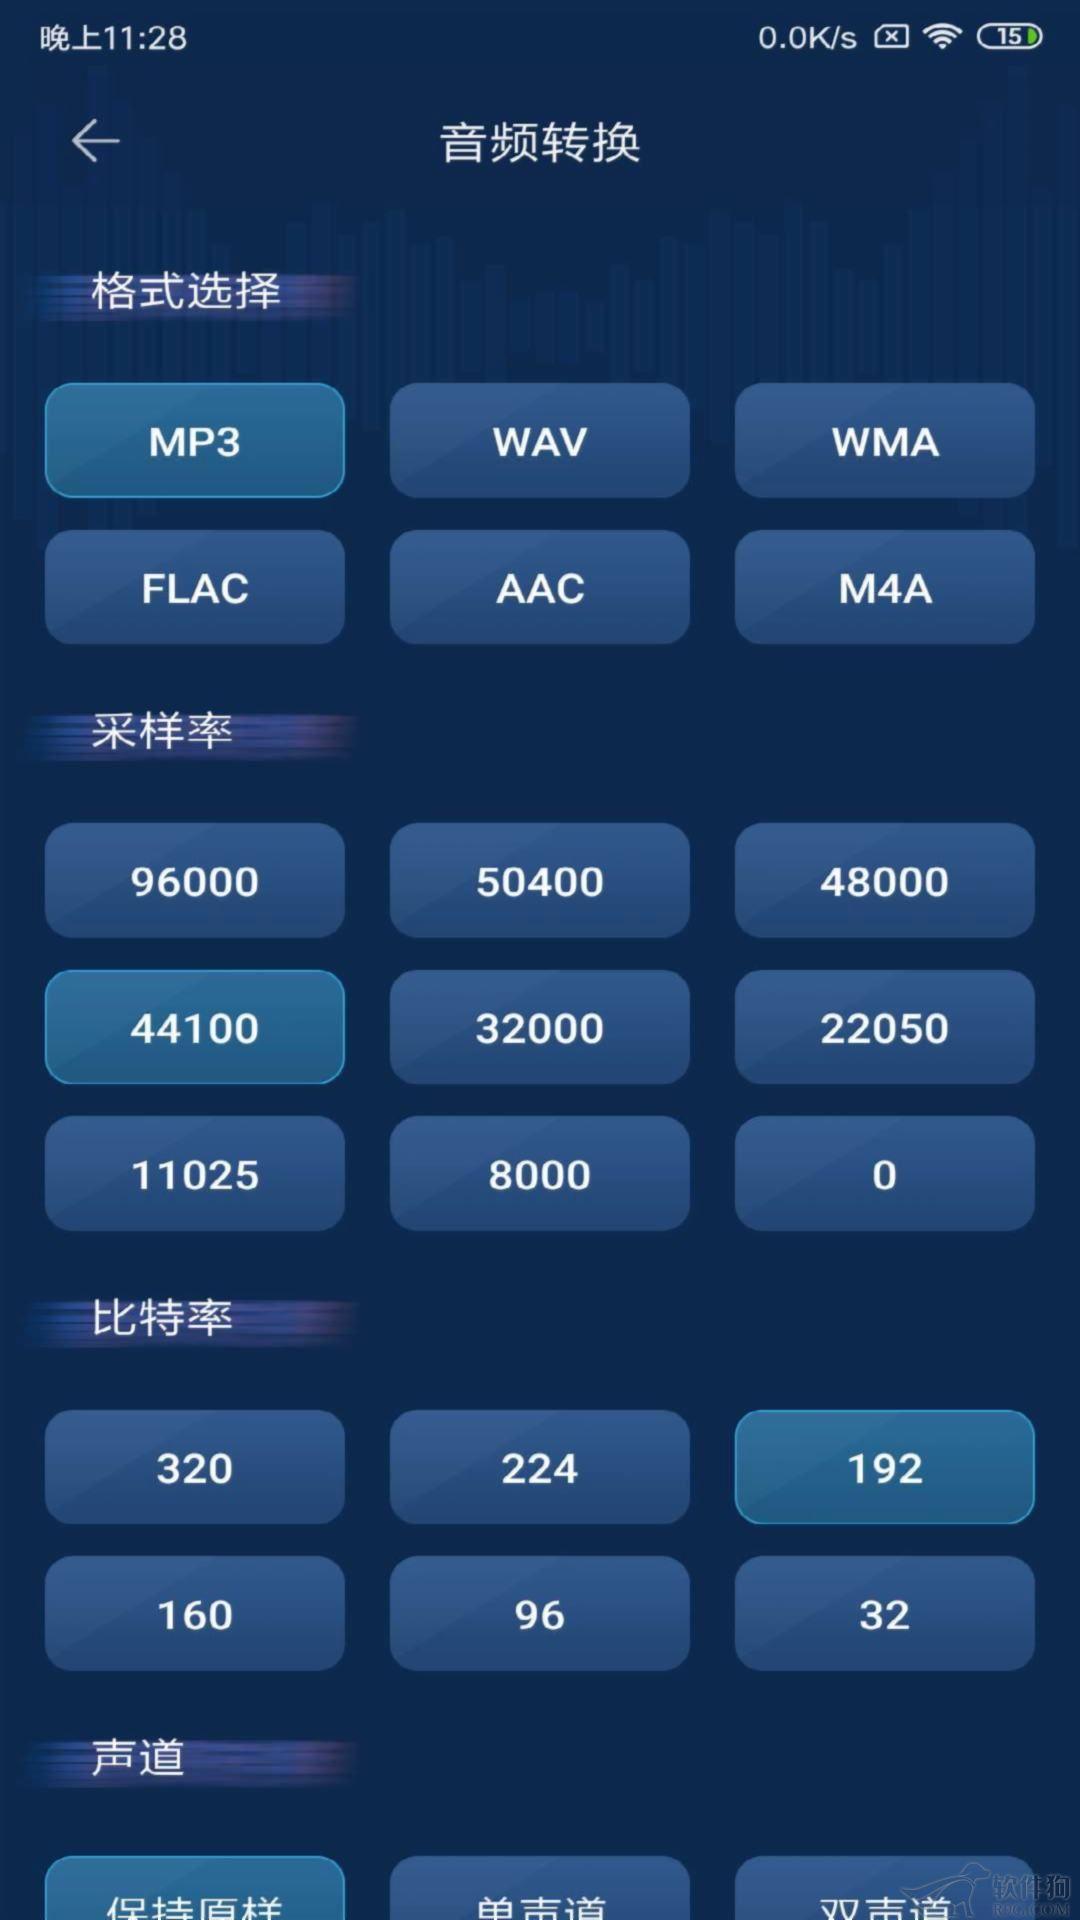 手机mp3音频转换器软件